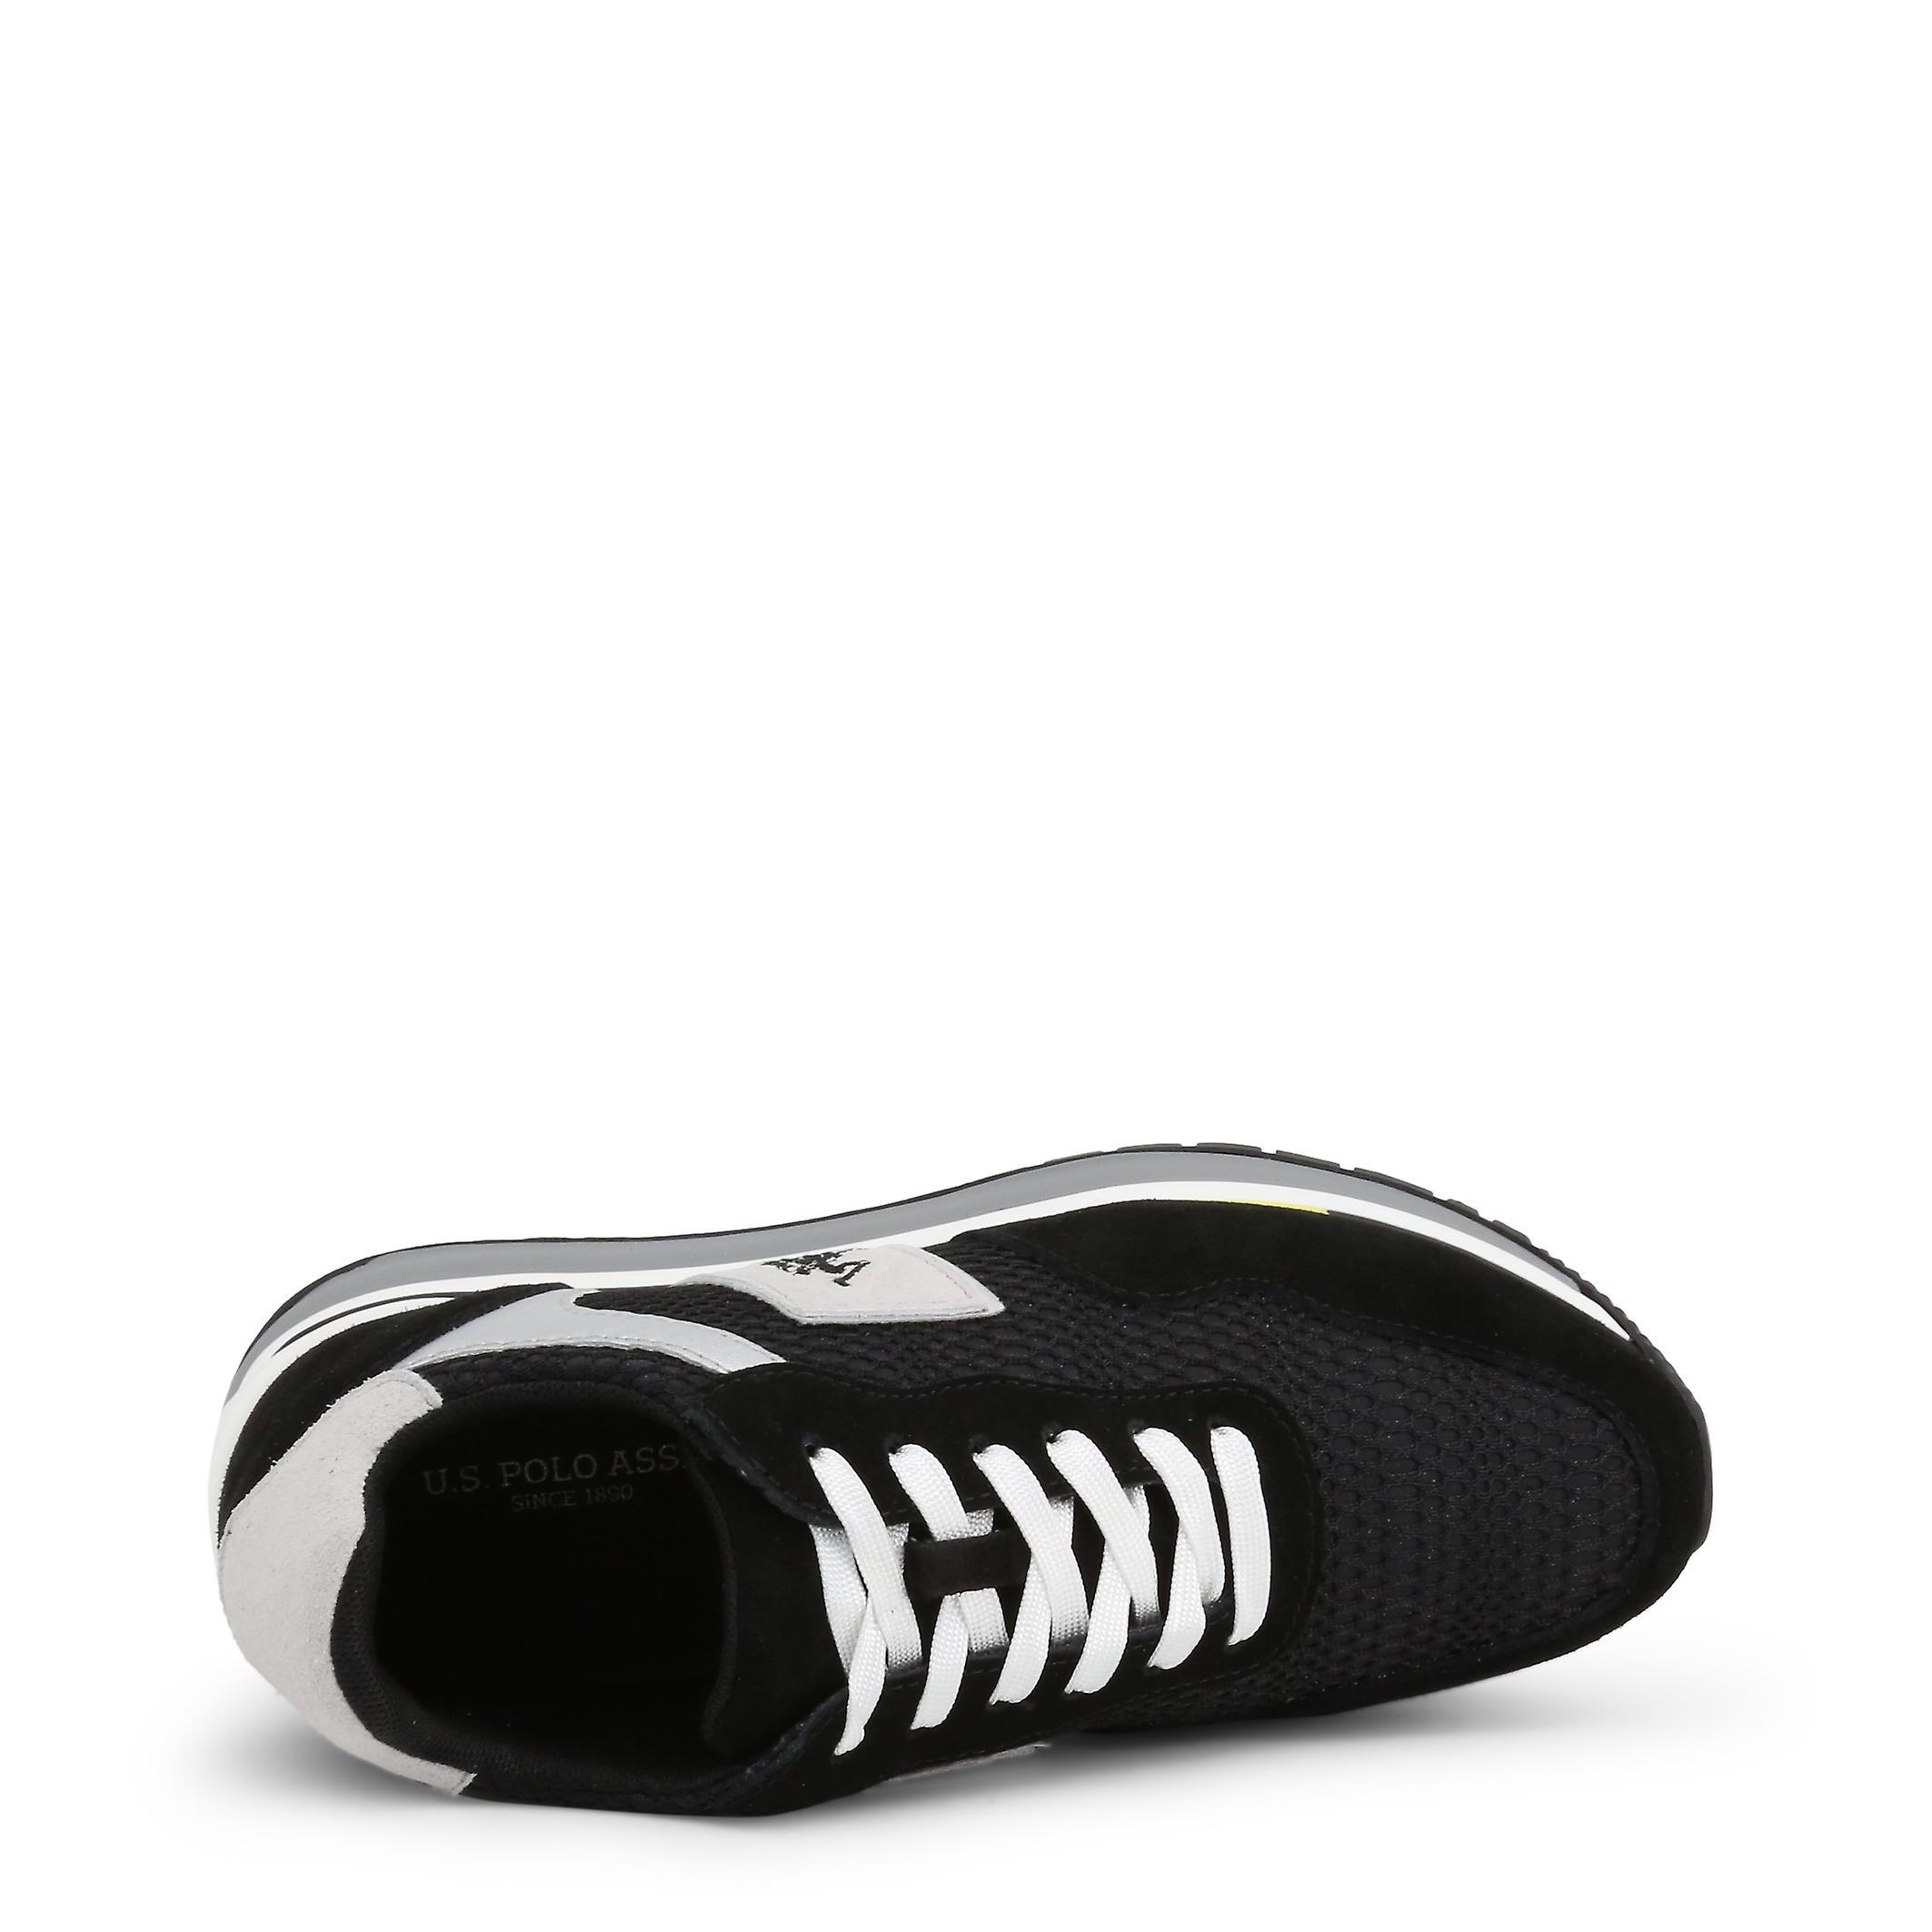 U.s. Polo Assn. Original Women Spring/summer Sneakers Black Color - 73213